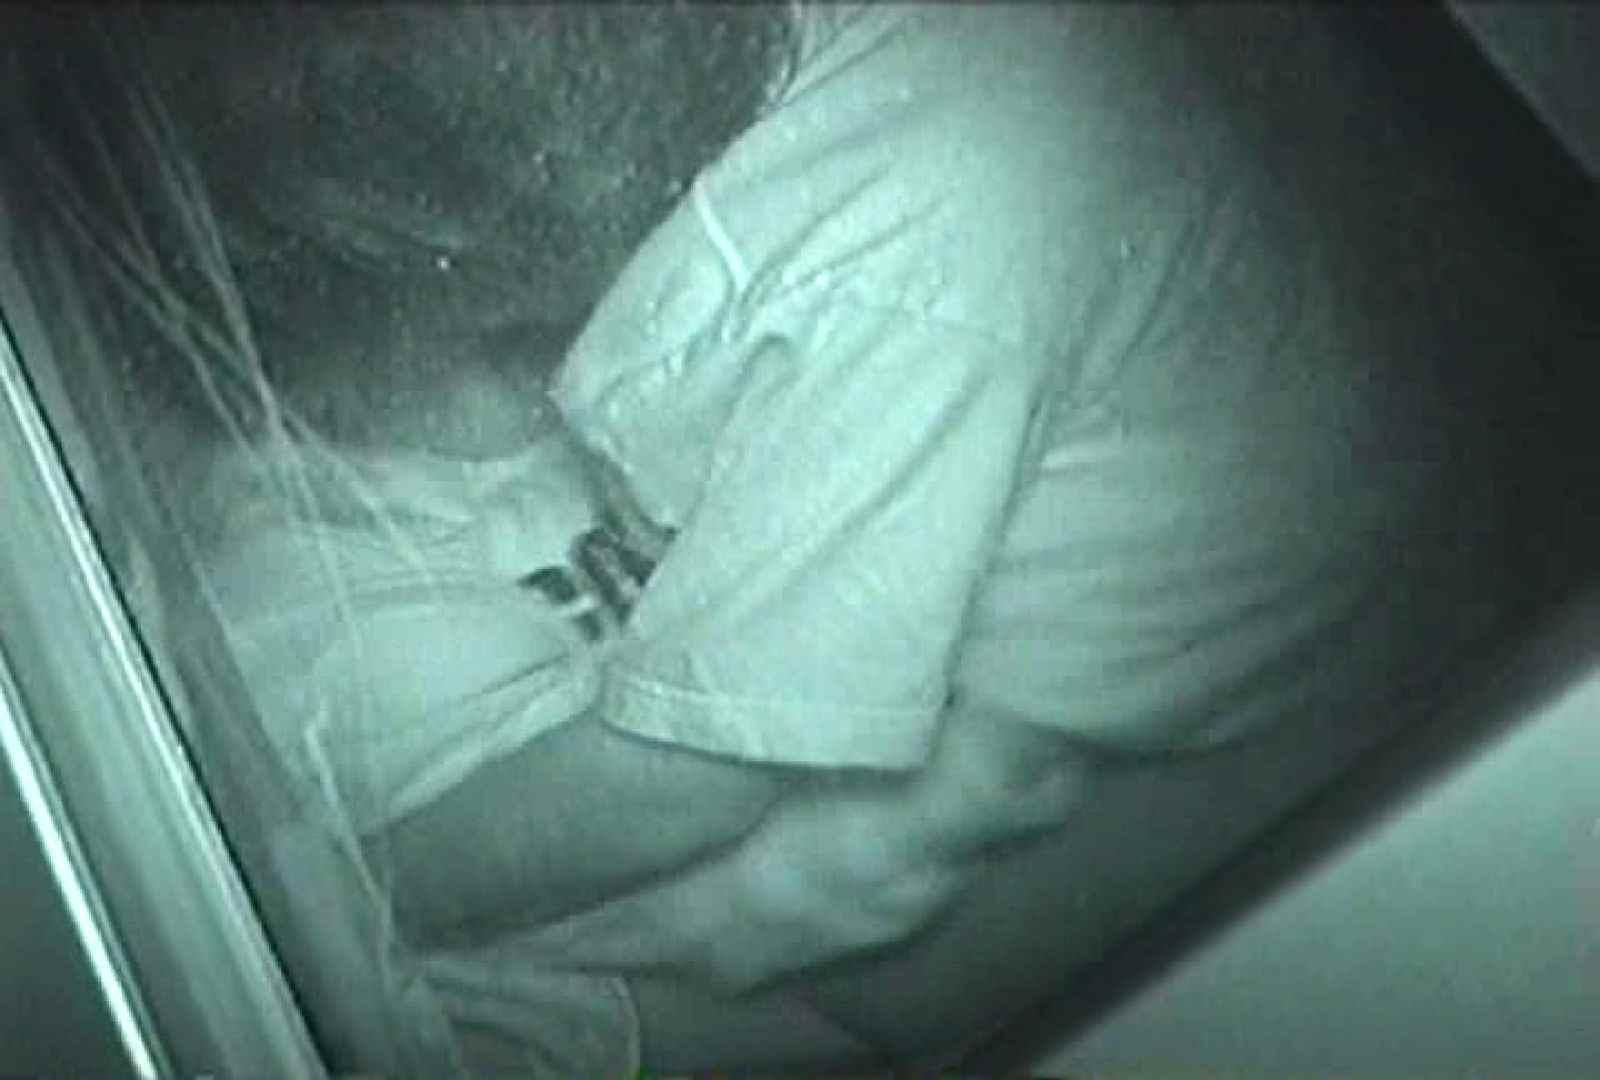 充血監督の深夜の運動会Vol.97 ギャルのエロ動画 AV無料動画キャプチャ 104画像 82